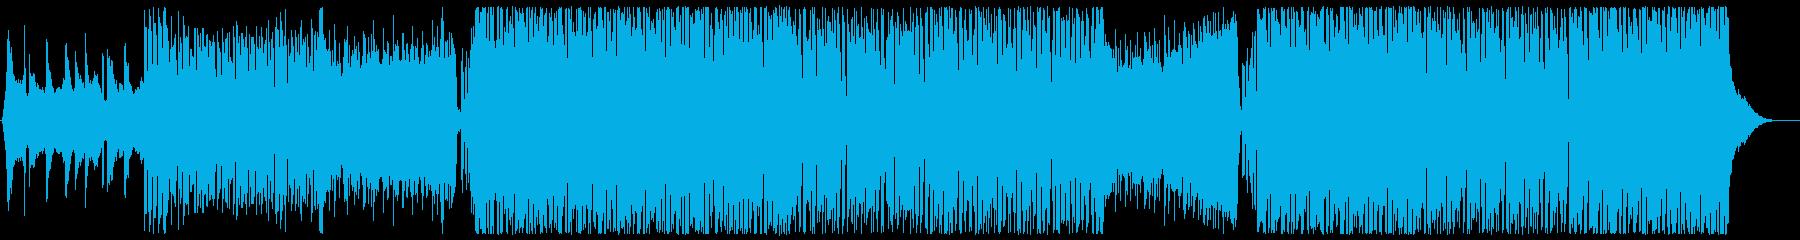 ドラマティックなフューチャーハウス歌なしの再生済みの波形